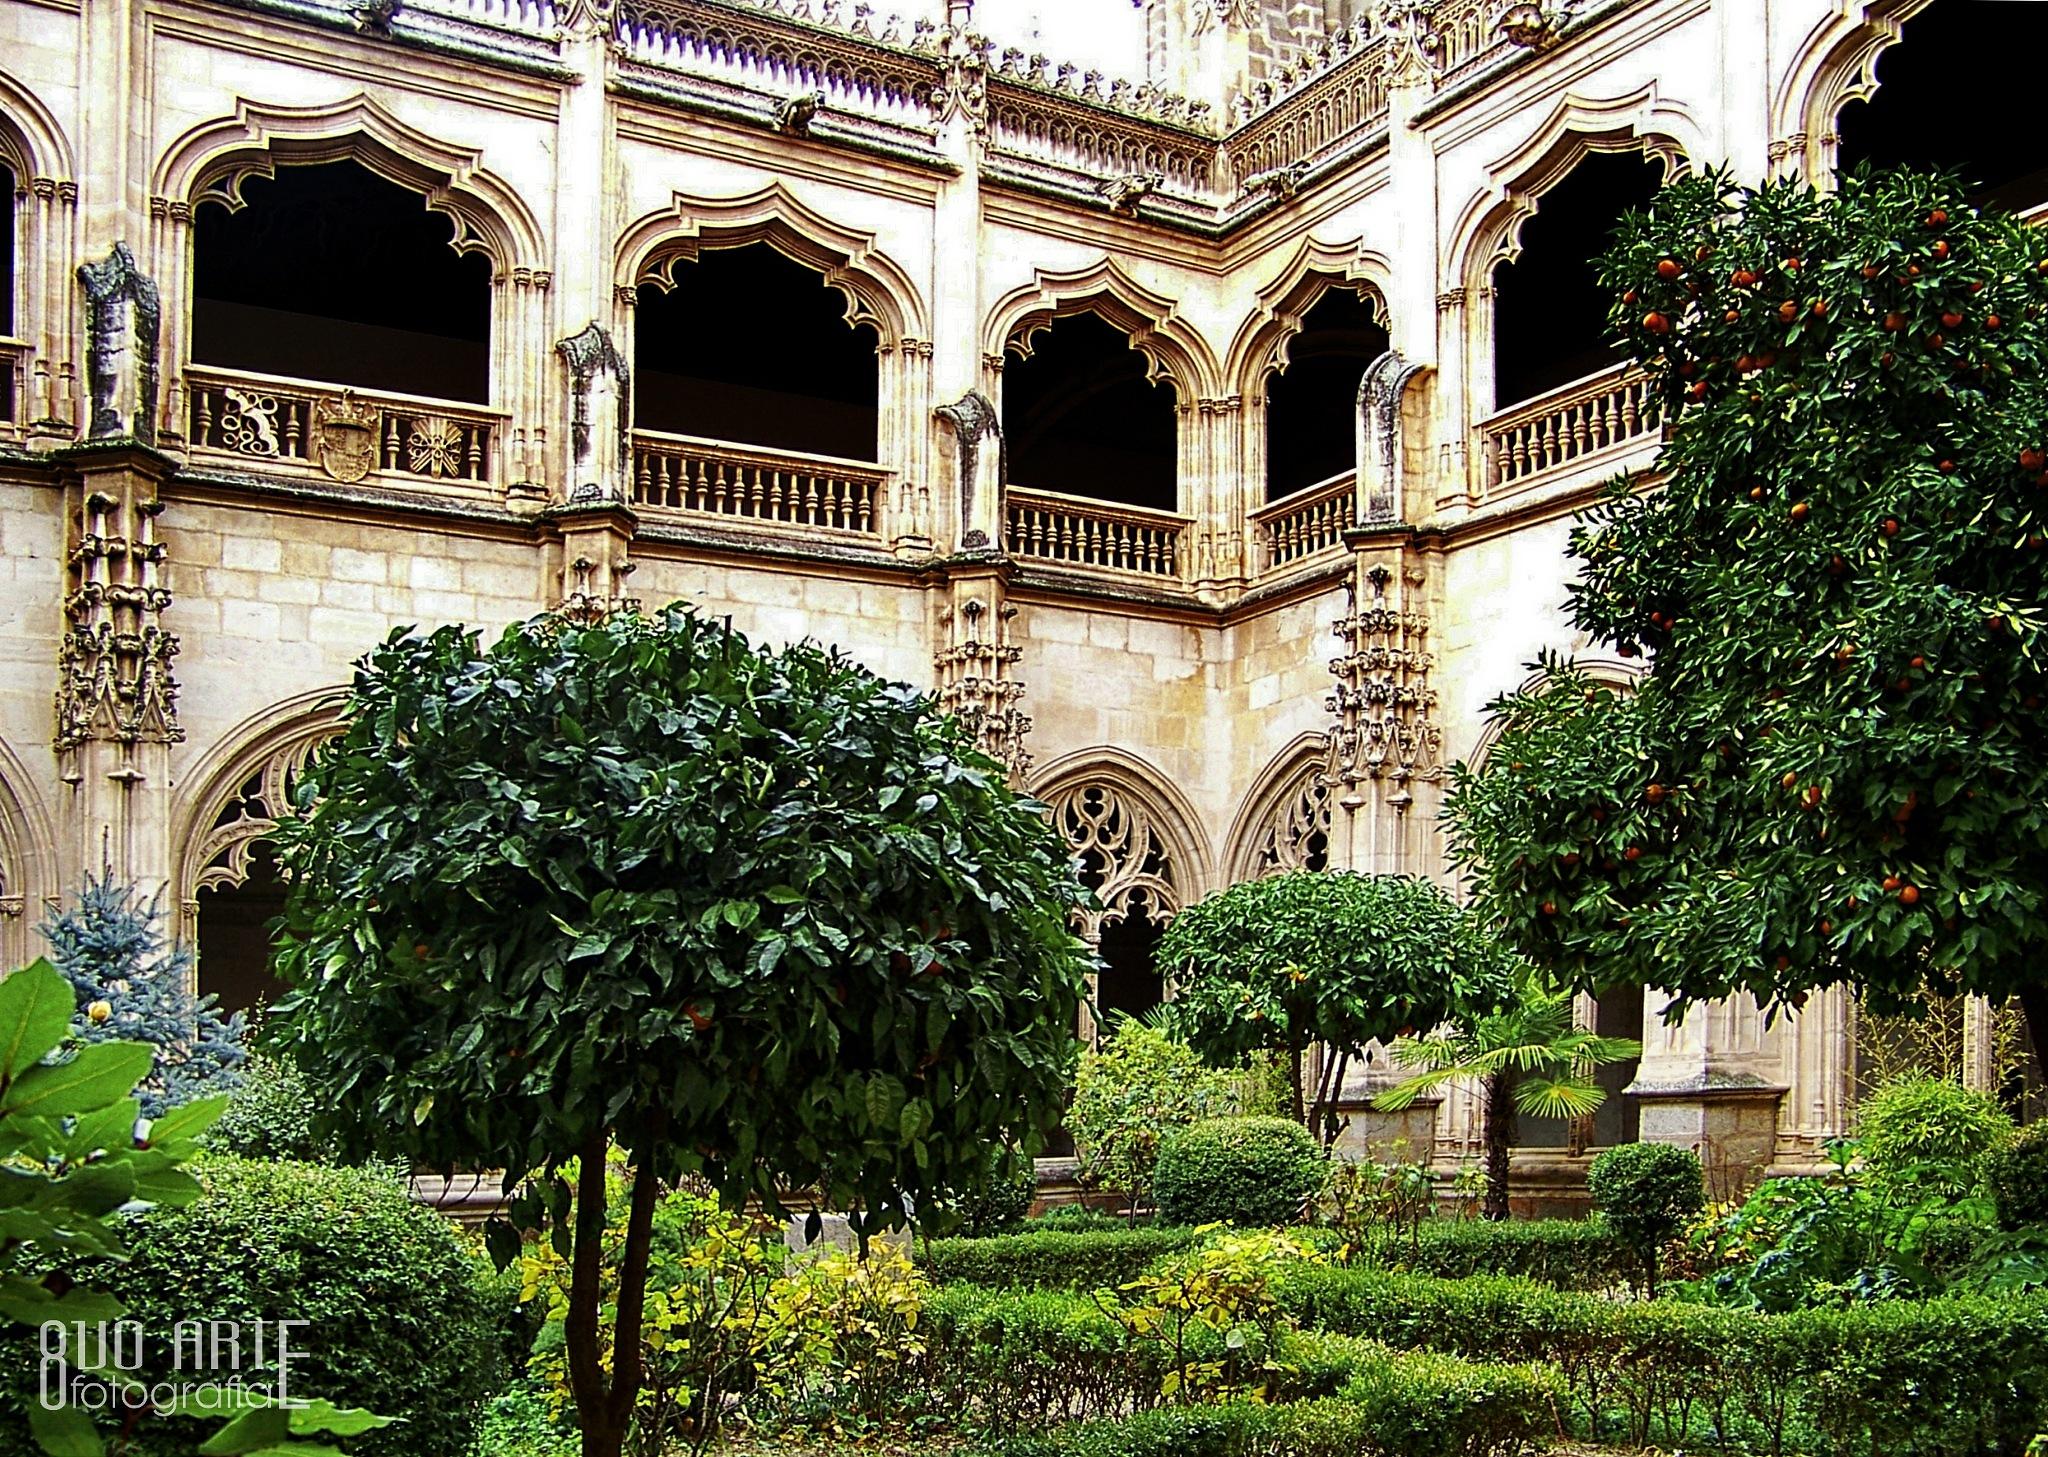 Monasterio de San Juan de los Reyes [Claustro y patio] by 8vo Arte Fotografia